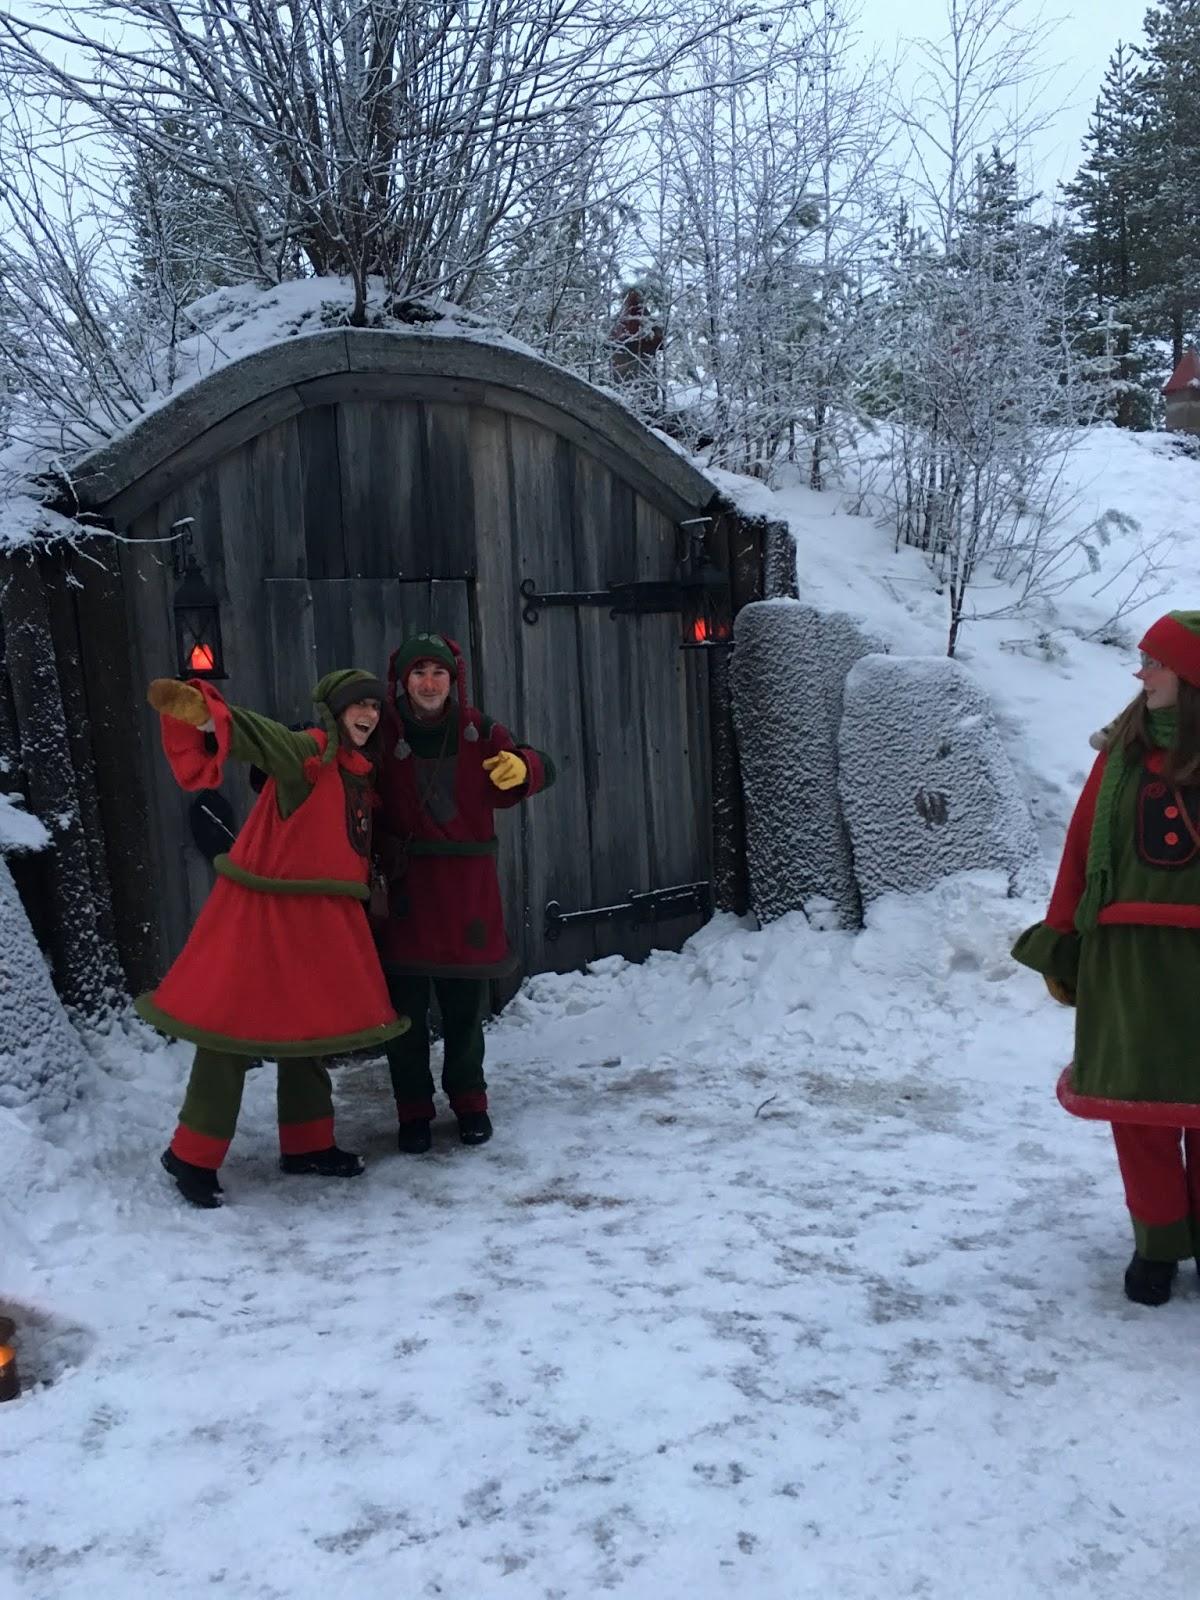 Cómo conocer a Santa Clau en Laponia